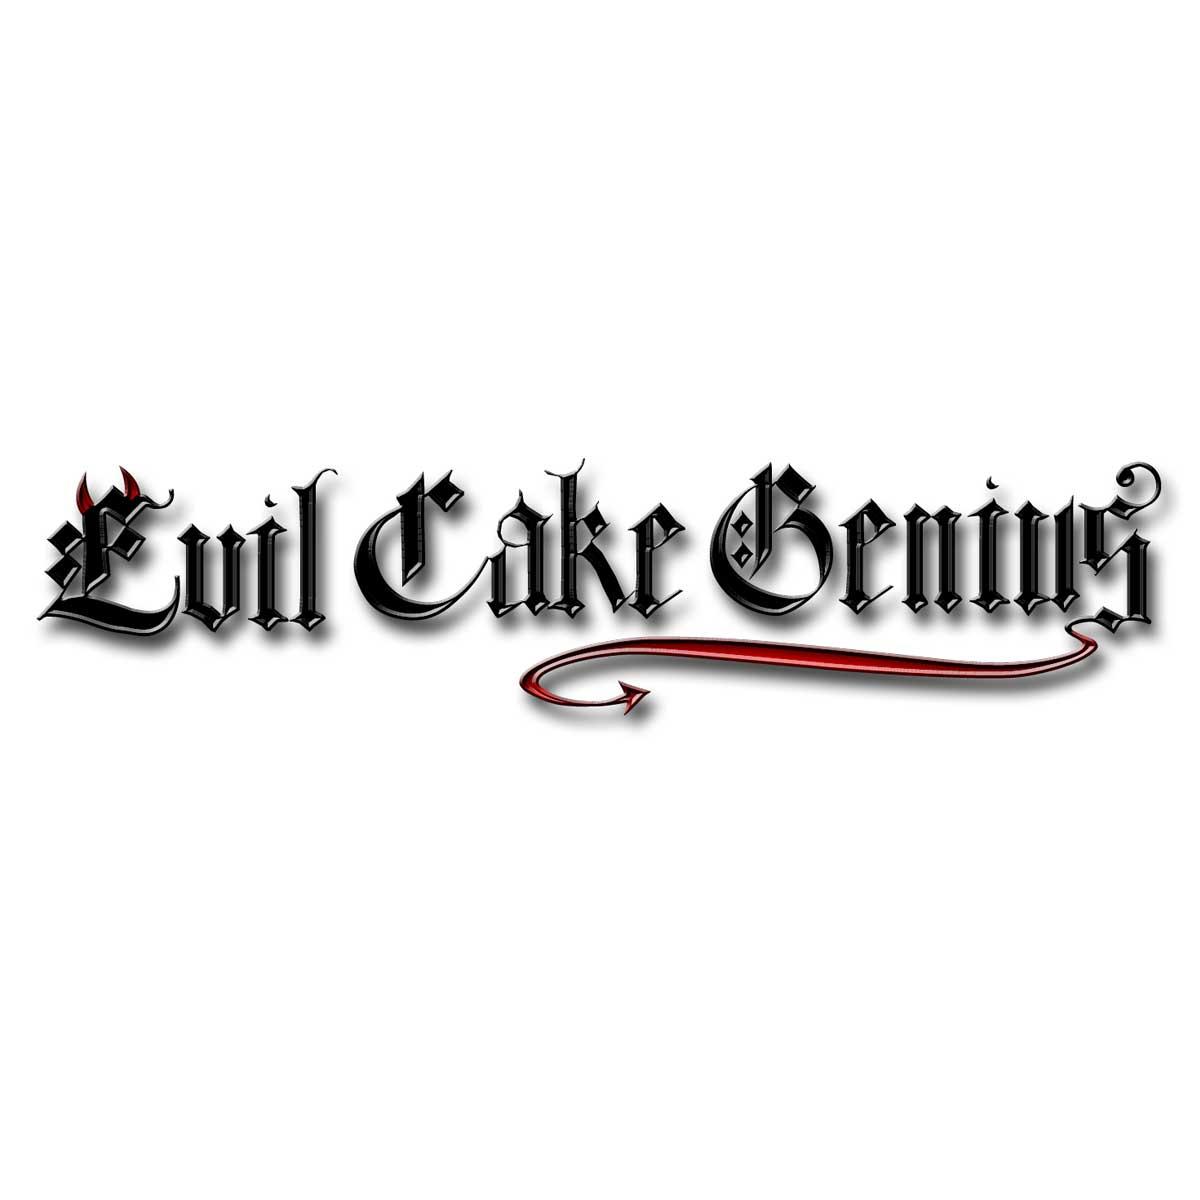 Crisp Corners Contour Combs For Double Barrel Cakes Evil